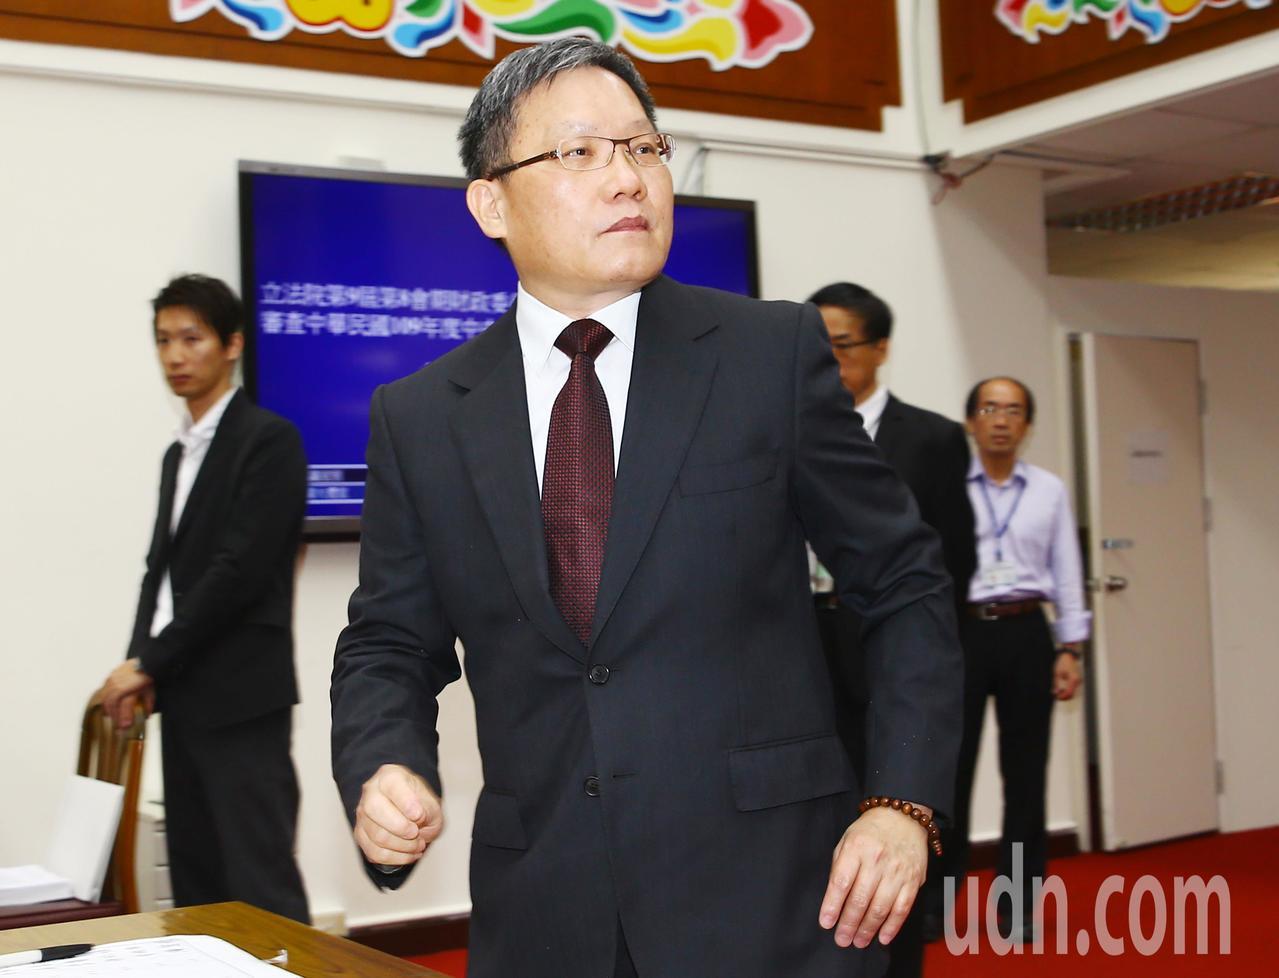 美中貿易戰影響,蘇建榮指出,對產業結構會有很大轉變,整體而言對台灣是較為正面的發...